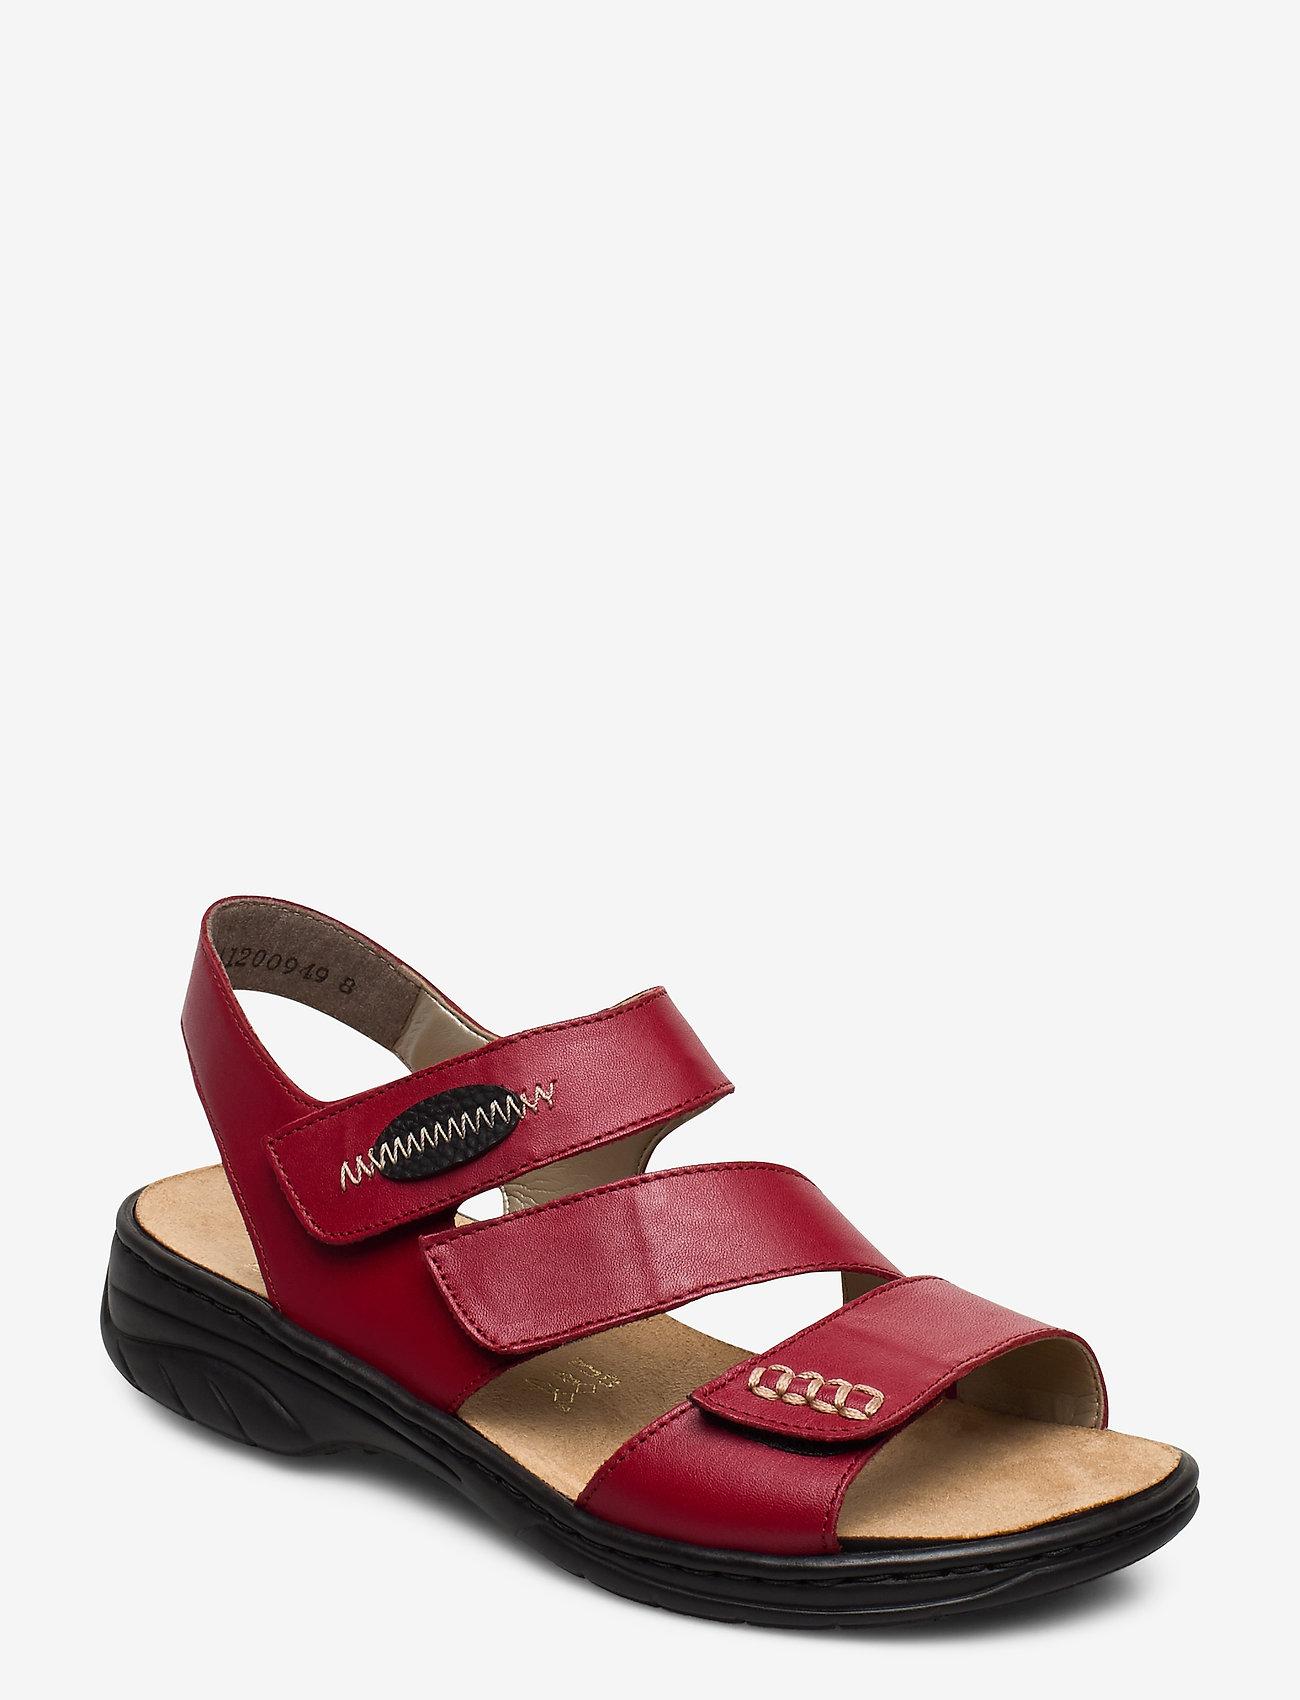 Rieker - 64573-00 - flat sandals - red